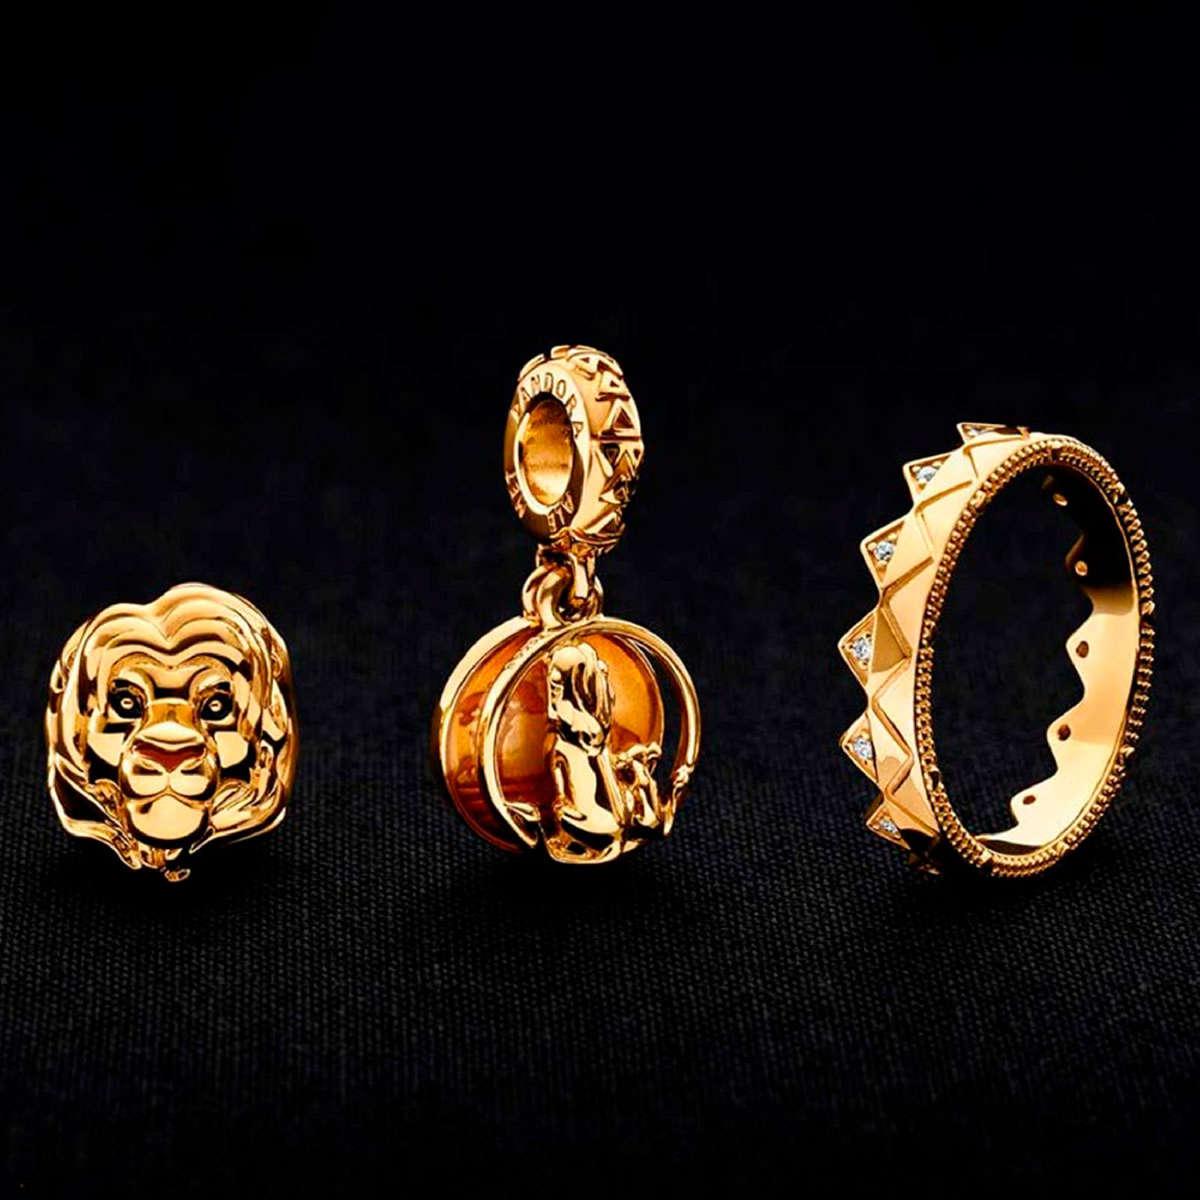 4c7c244617e2 Joyas de oro en Ciudad de México - Catálogos, ofertas y tiendas ...